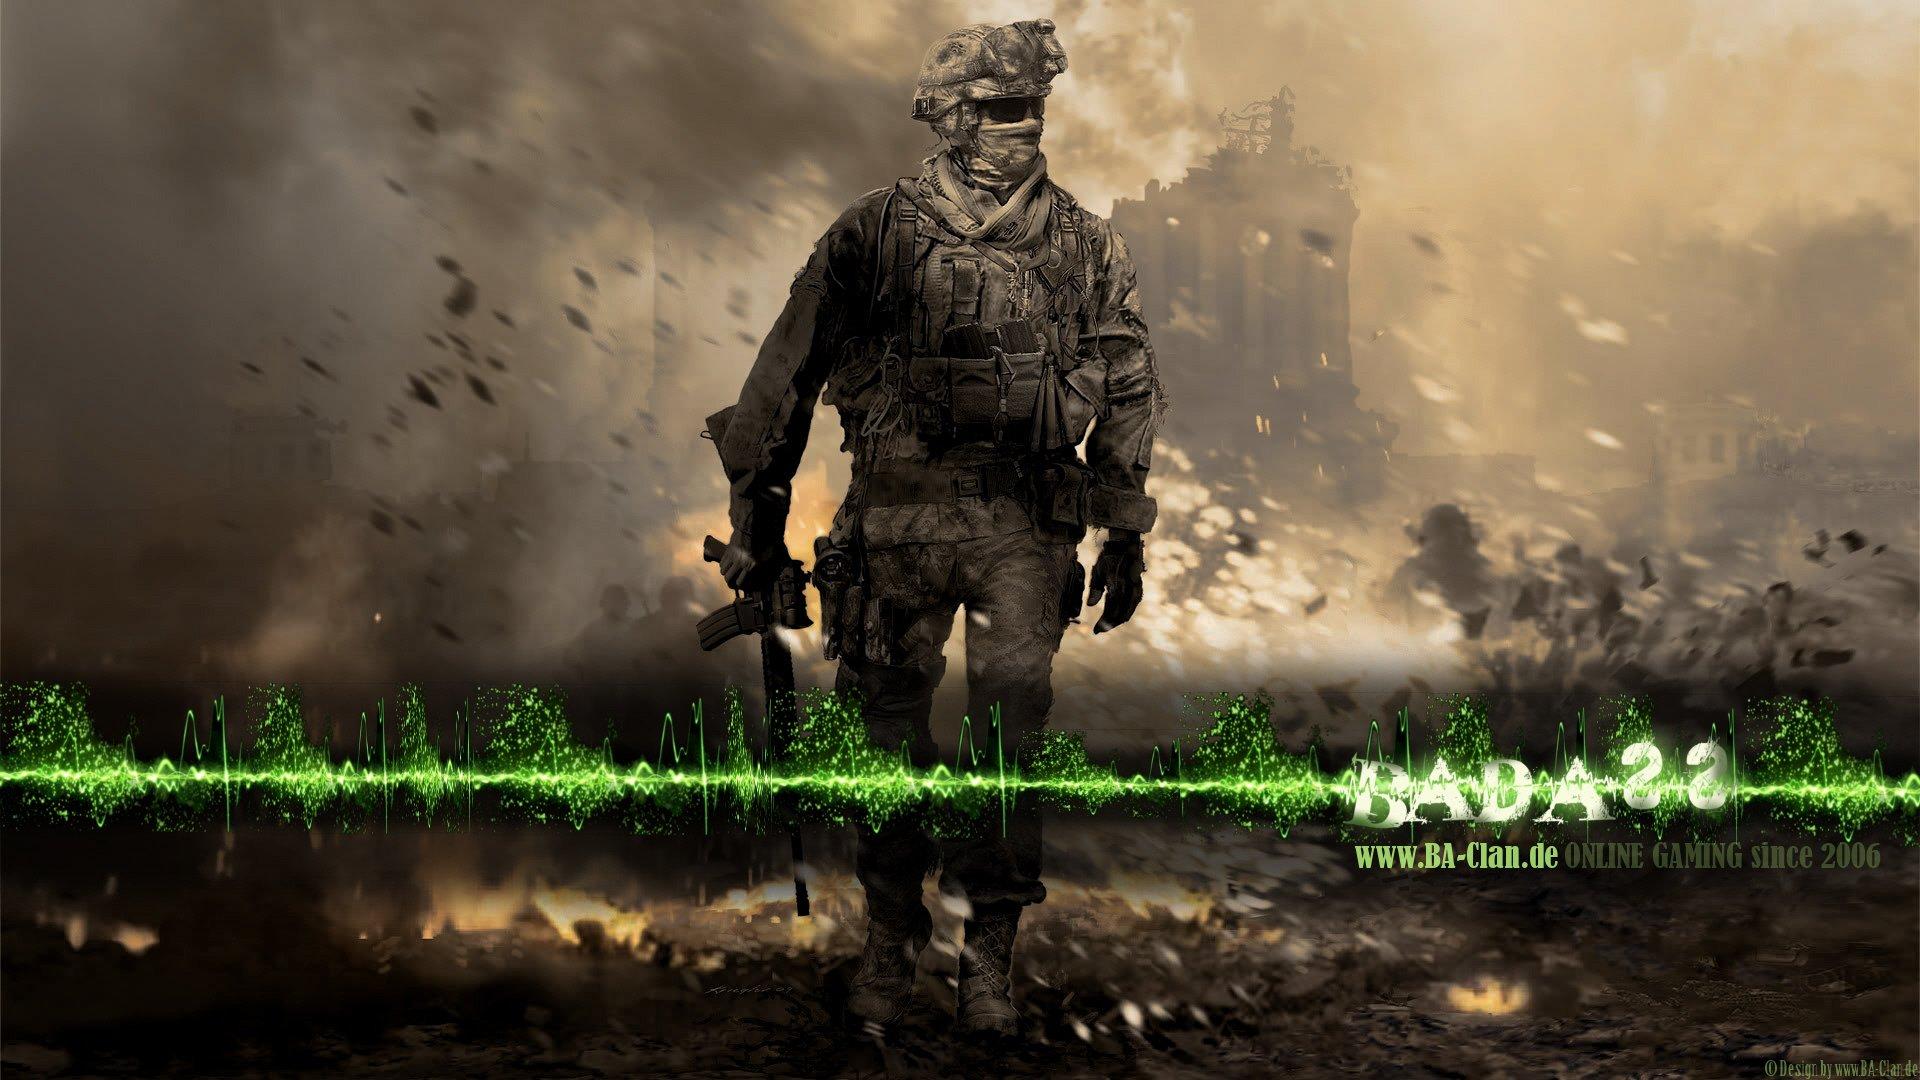 Modern Warfare Wallpaper Action By Free Download Best HD 1920x1080